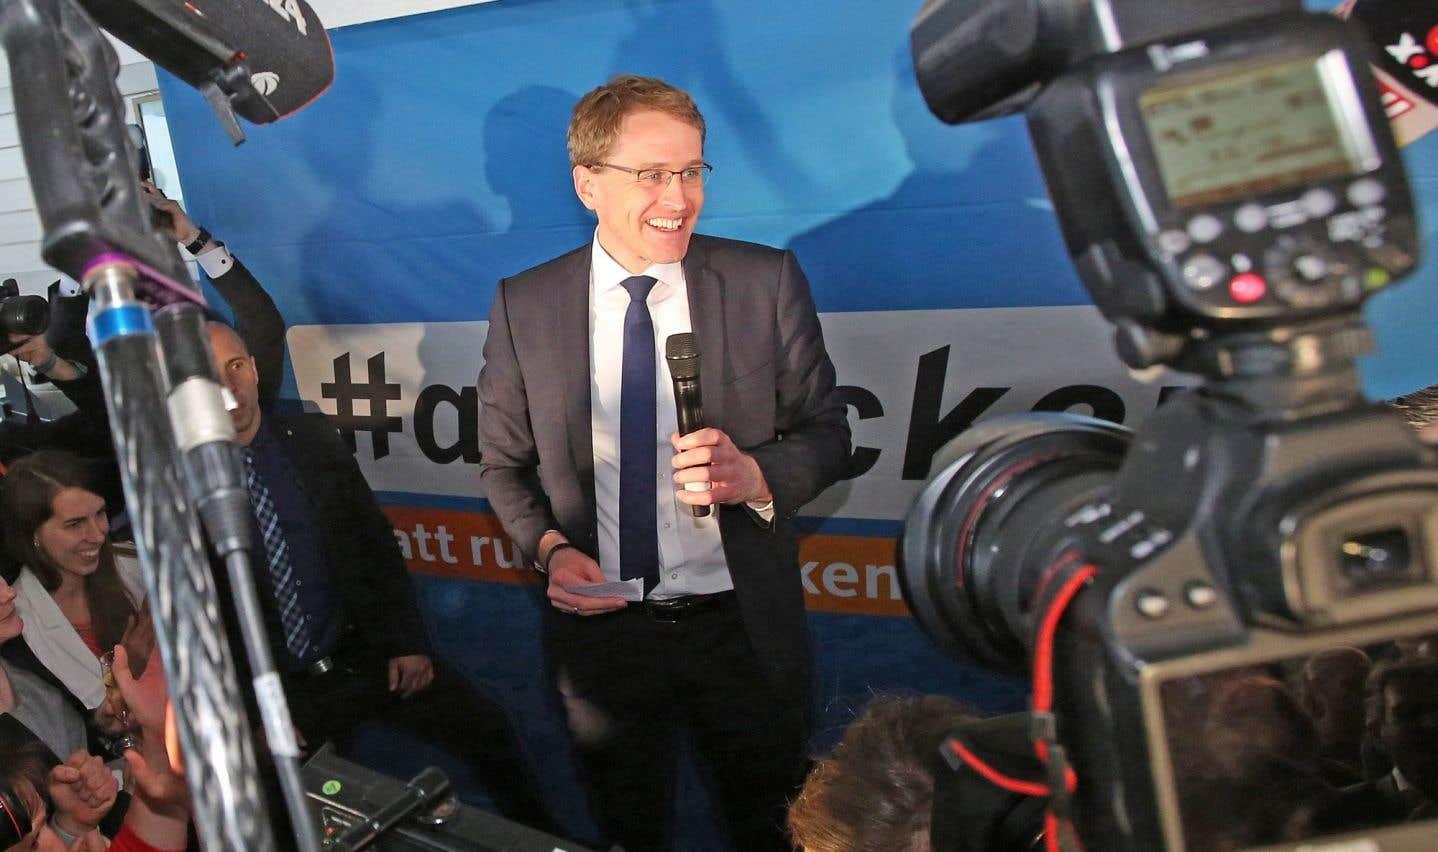 Une victoire électorale régionale sécurise Merkel